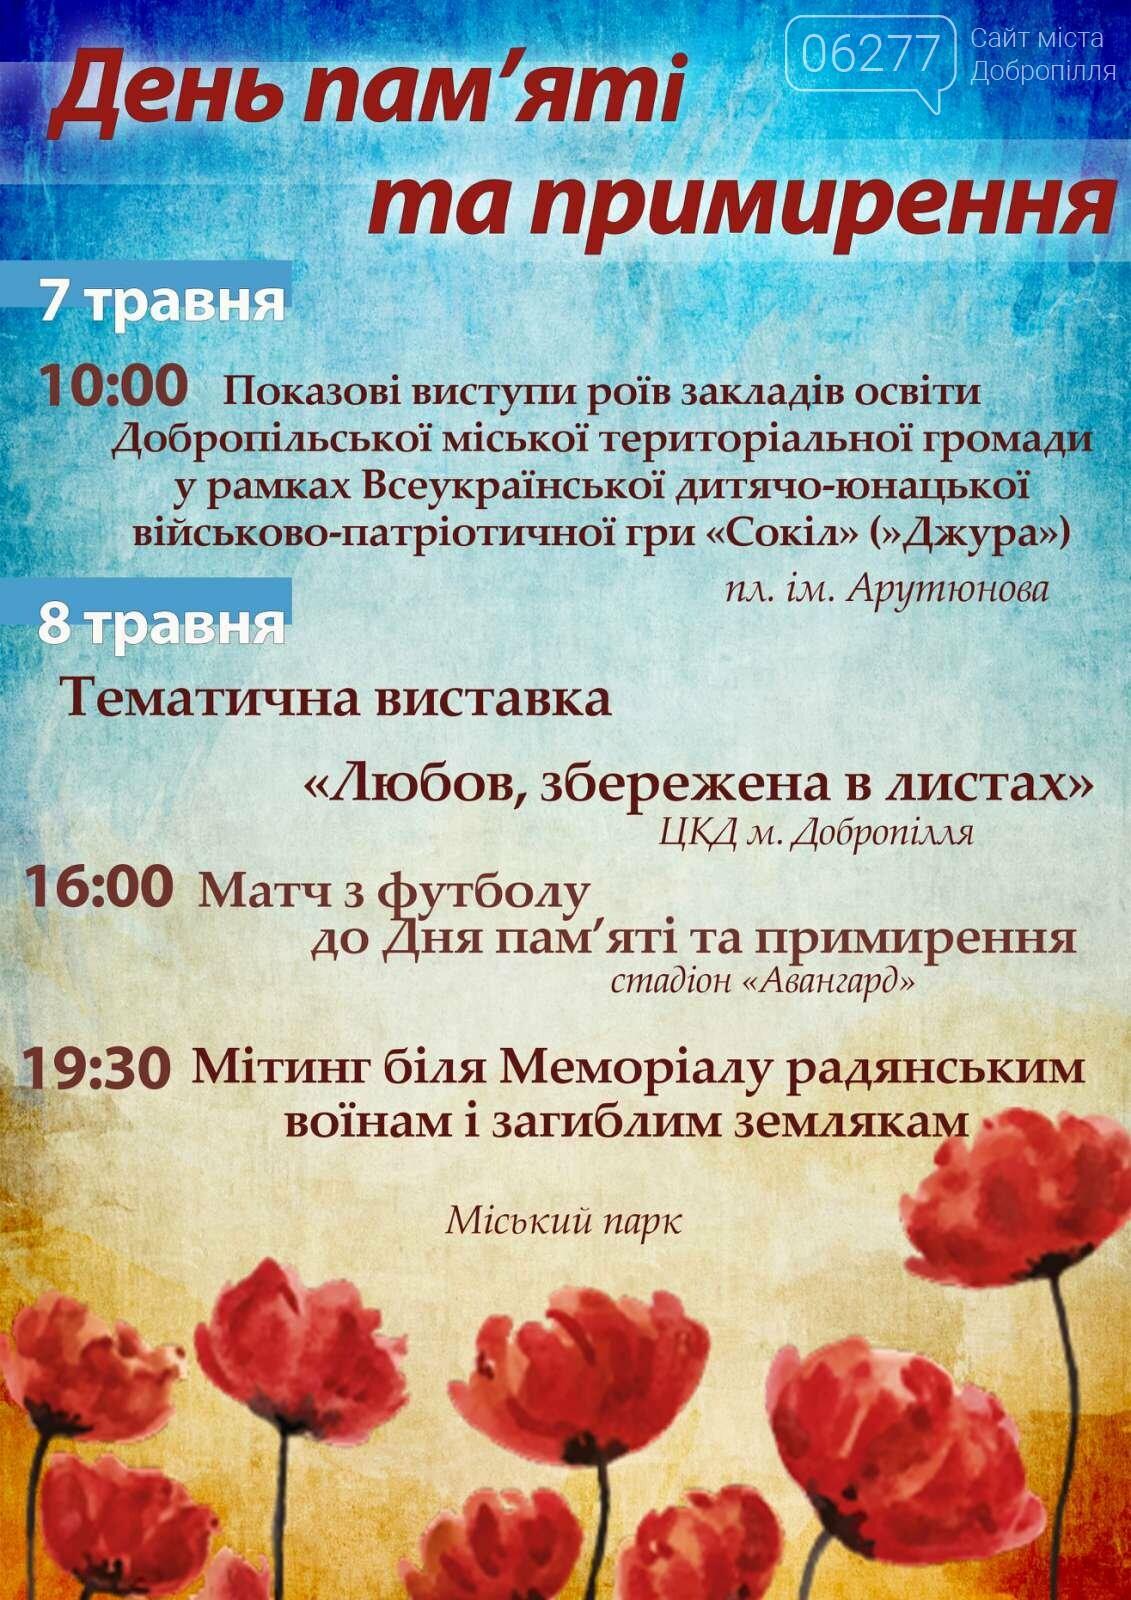 В Доброполье пройдет ряд праздничных мероприятий ко Дню памяти и примирения и Дню победы, фото-1